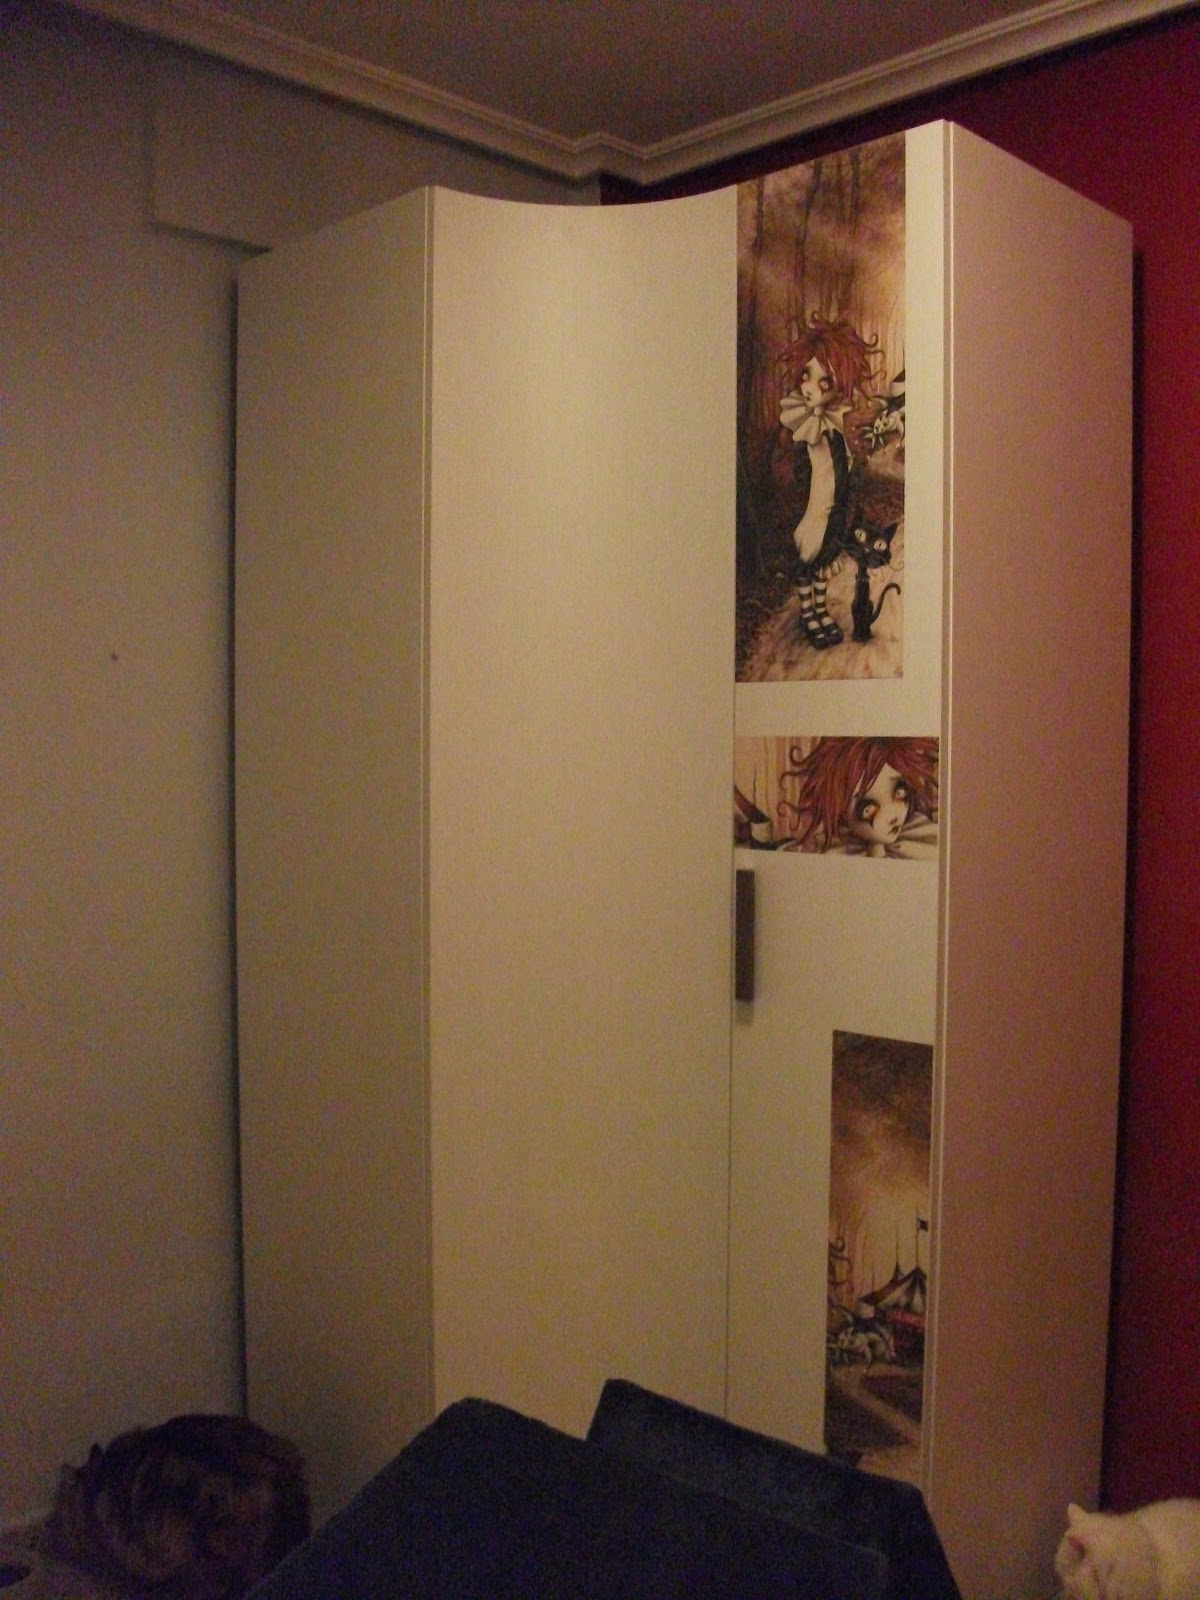 Muebles ros rebeca portillo la ganadora del concurso for Muebles portillo armarios